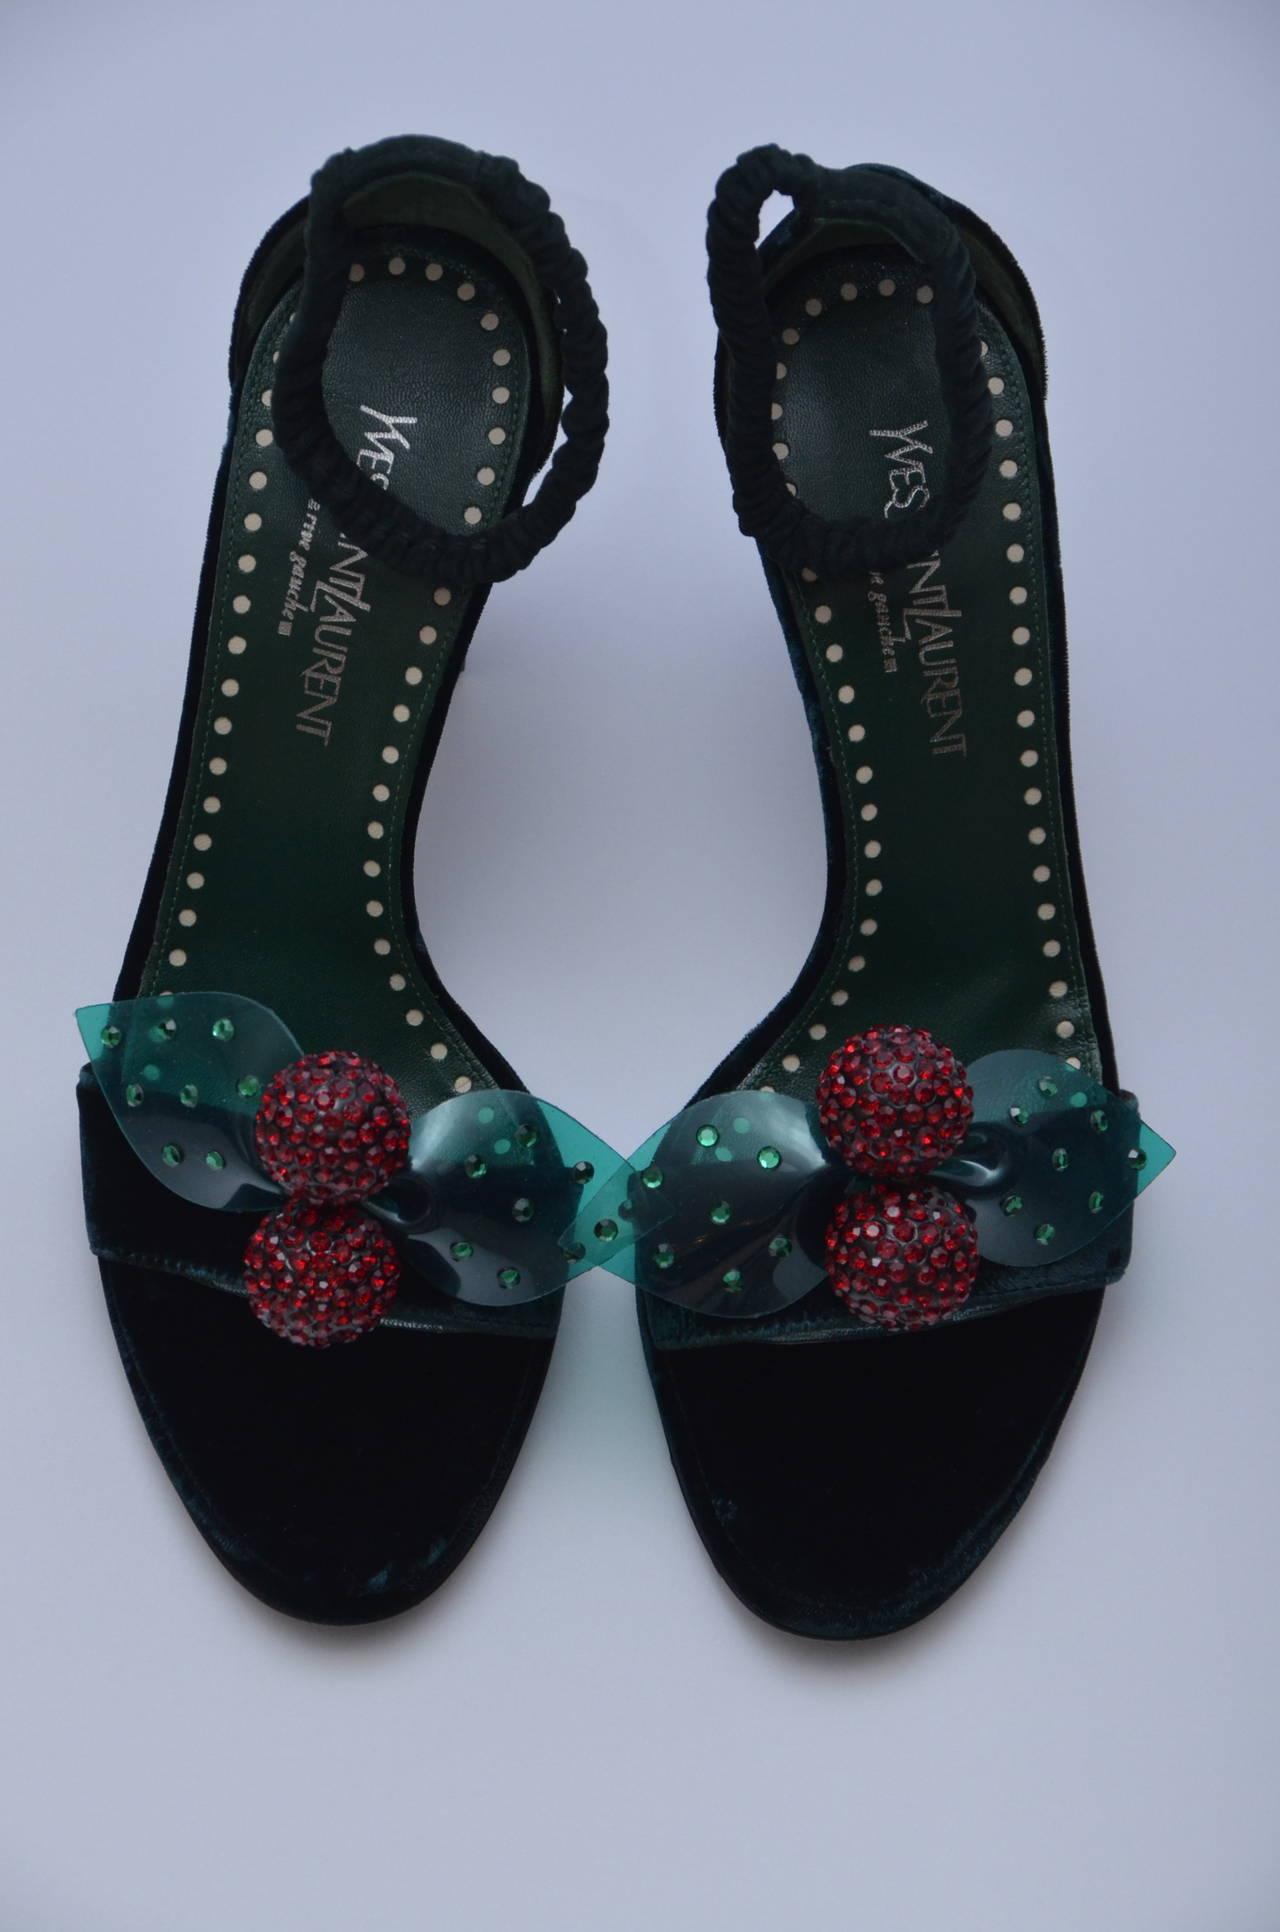 Tom Ford For Yves Saint Laurent Velvet Shoes 37 For Sale ...